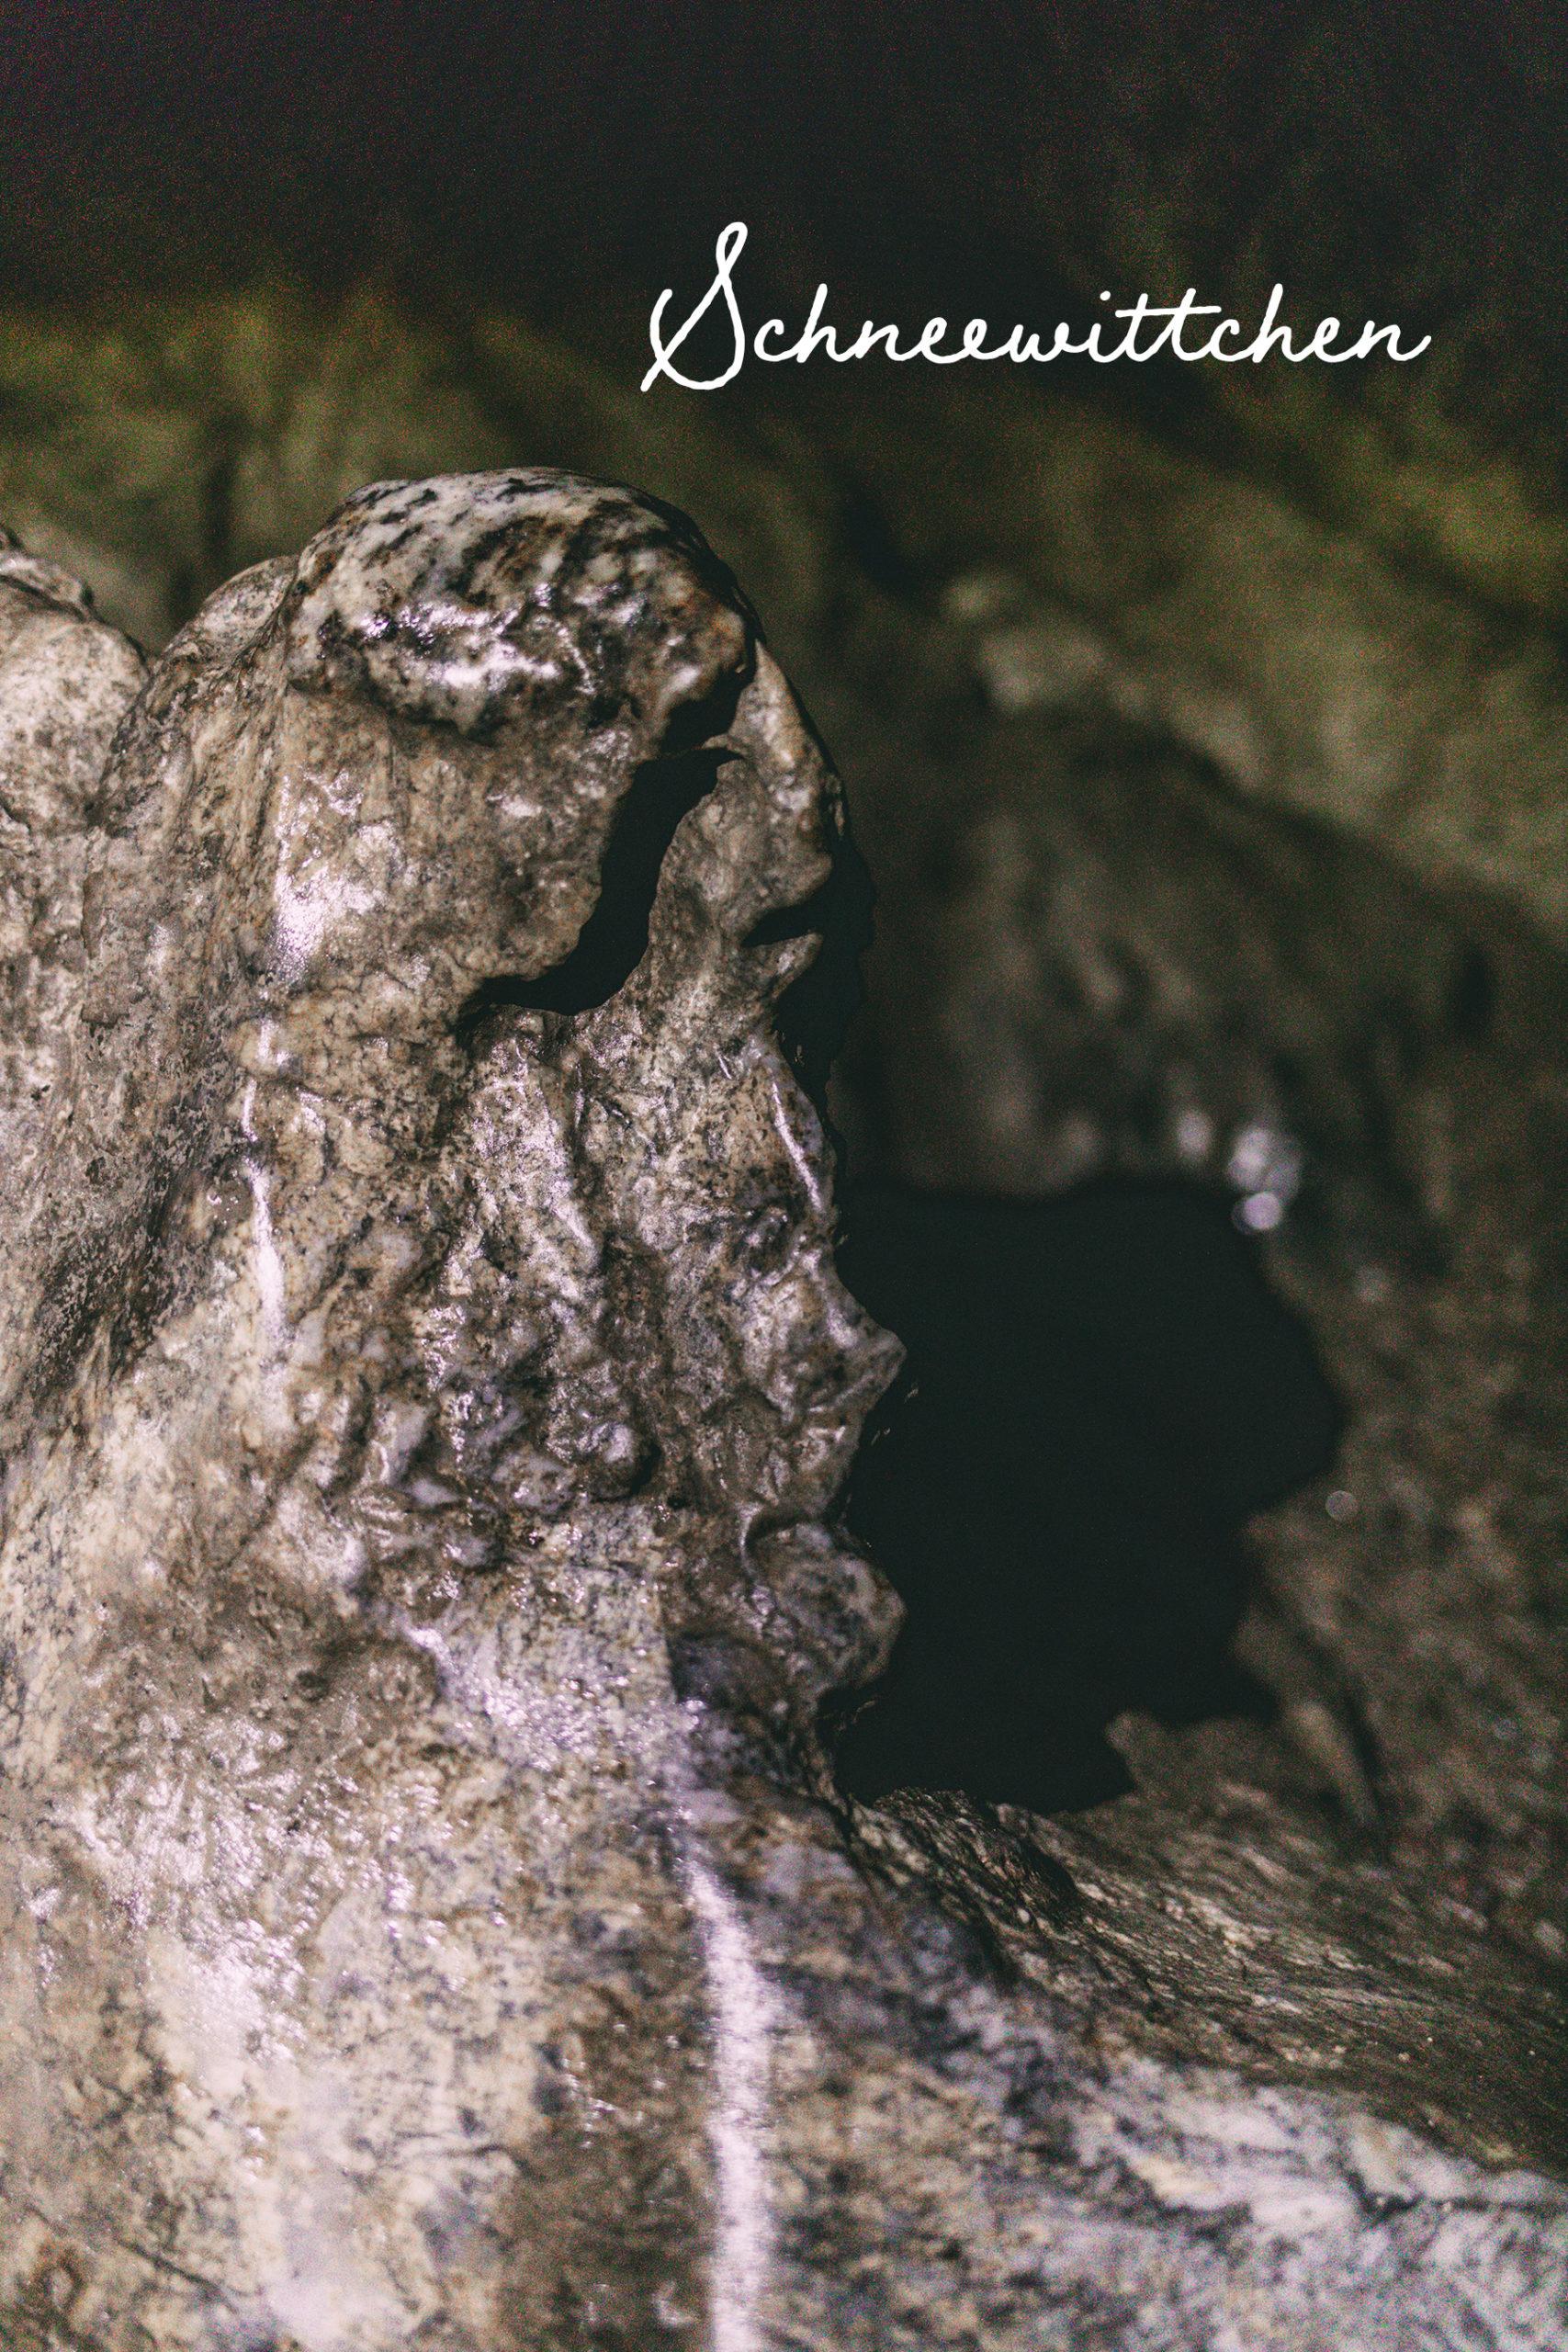 Schneewittchen Kalkberghöhle